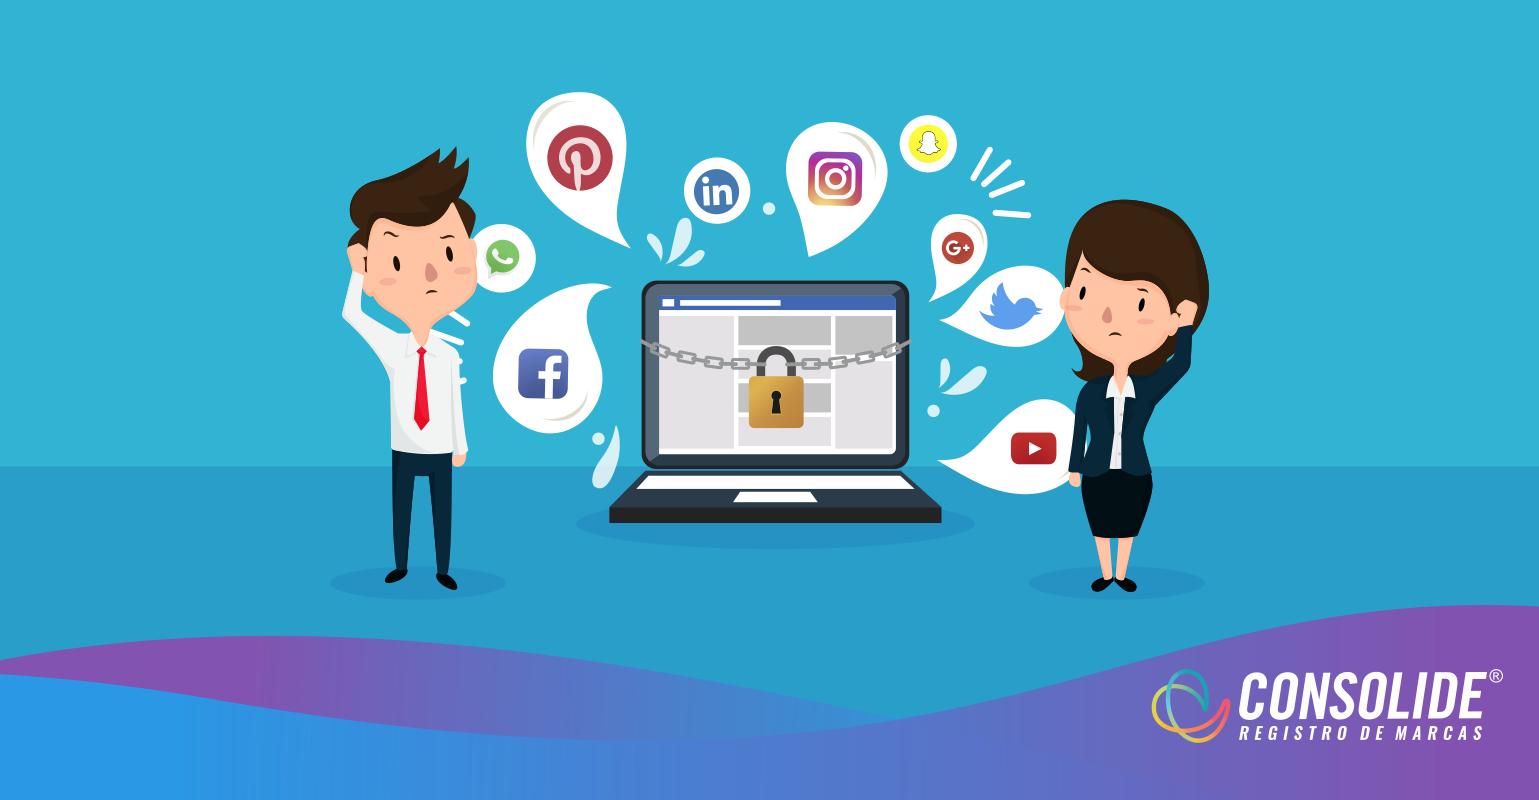 Cópias na Internet: por que é importante proteger sua marca